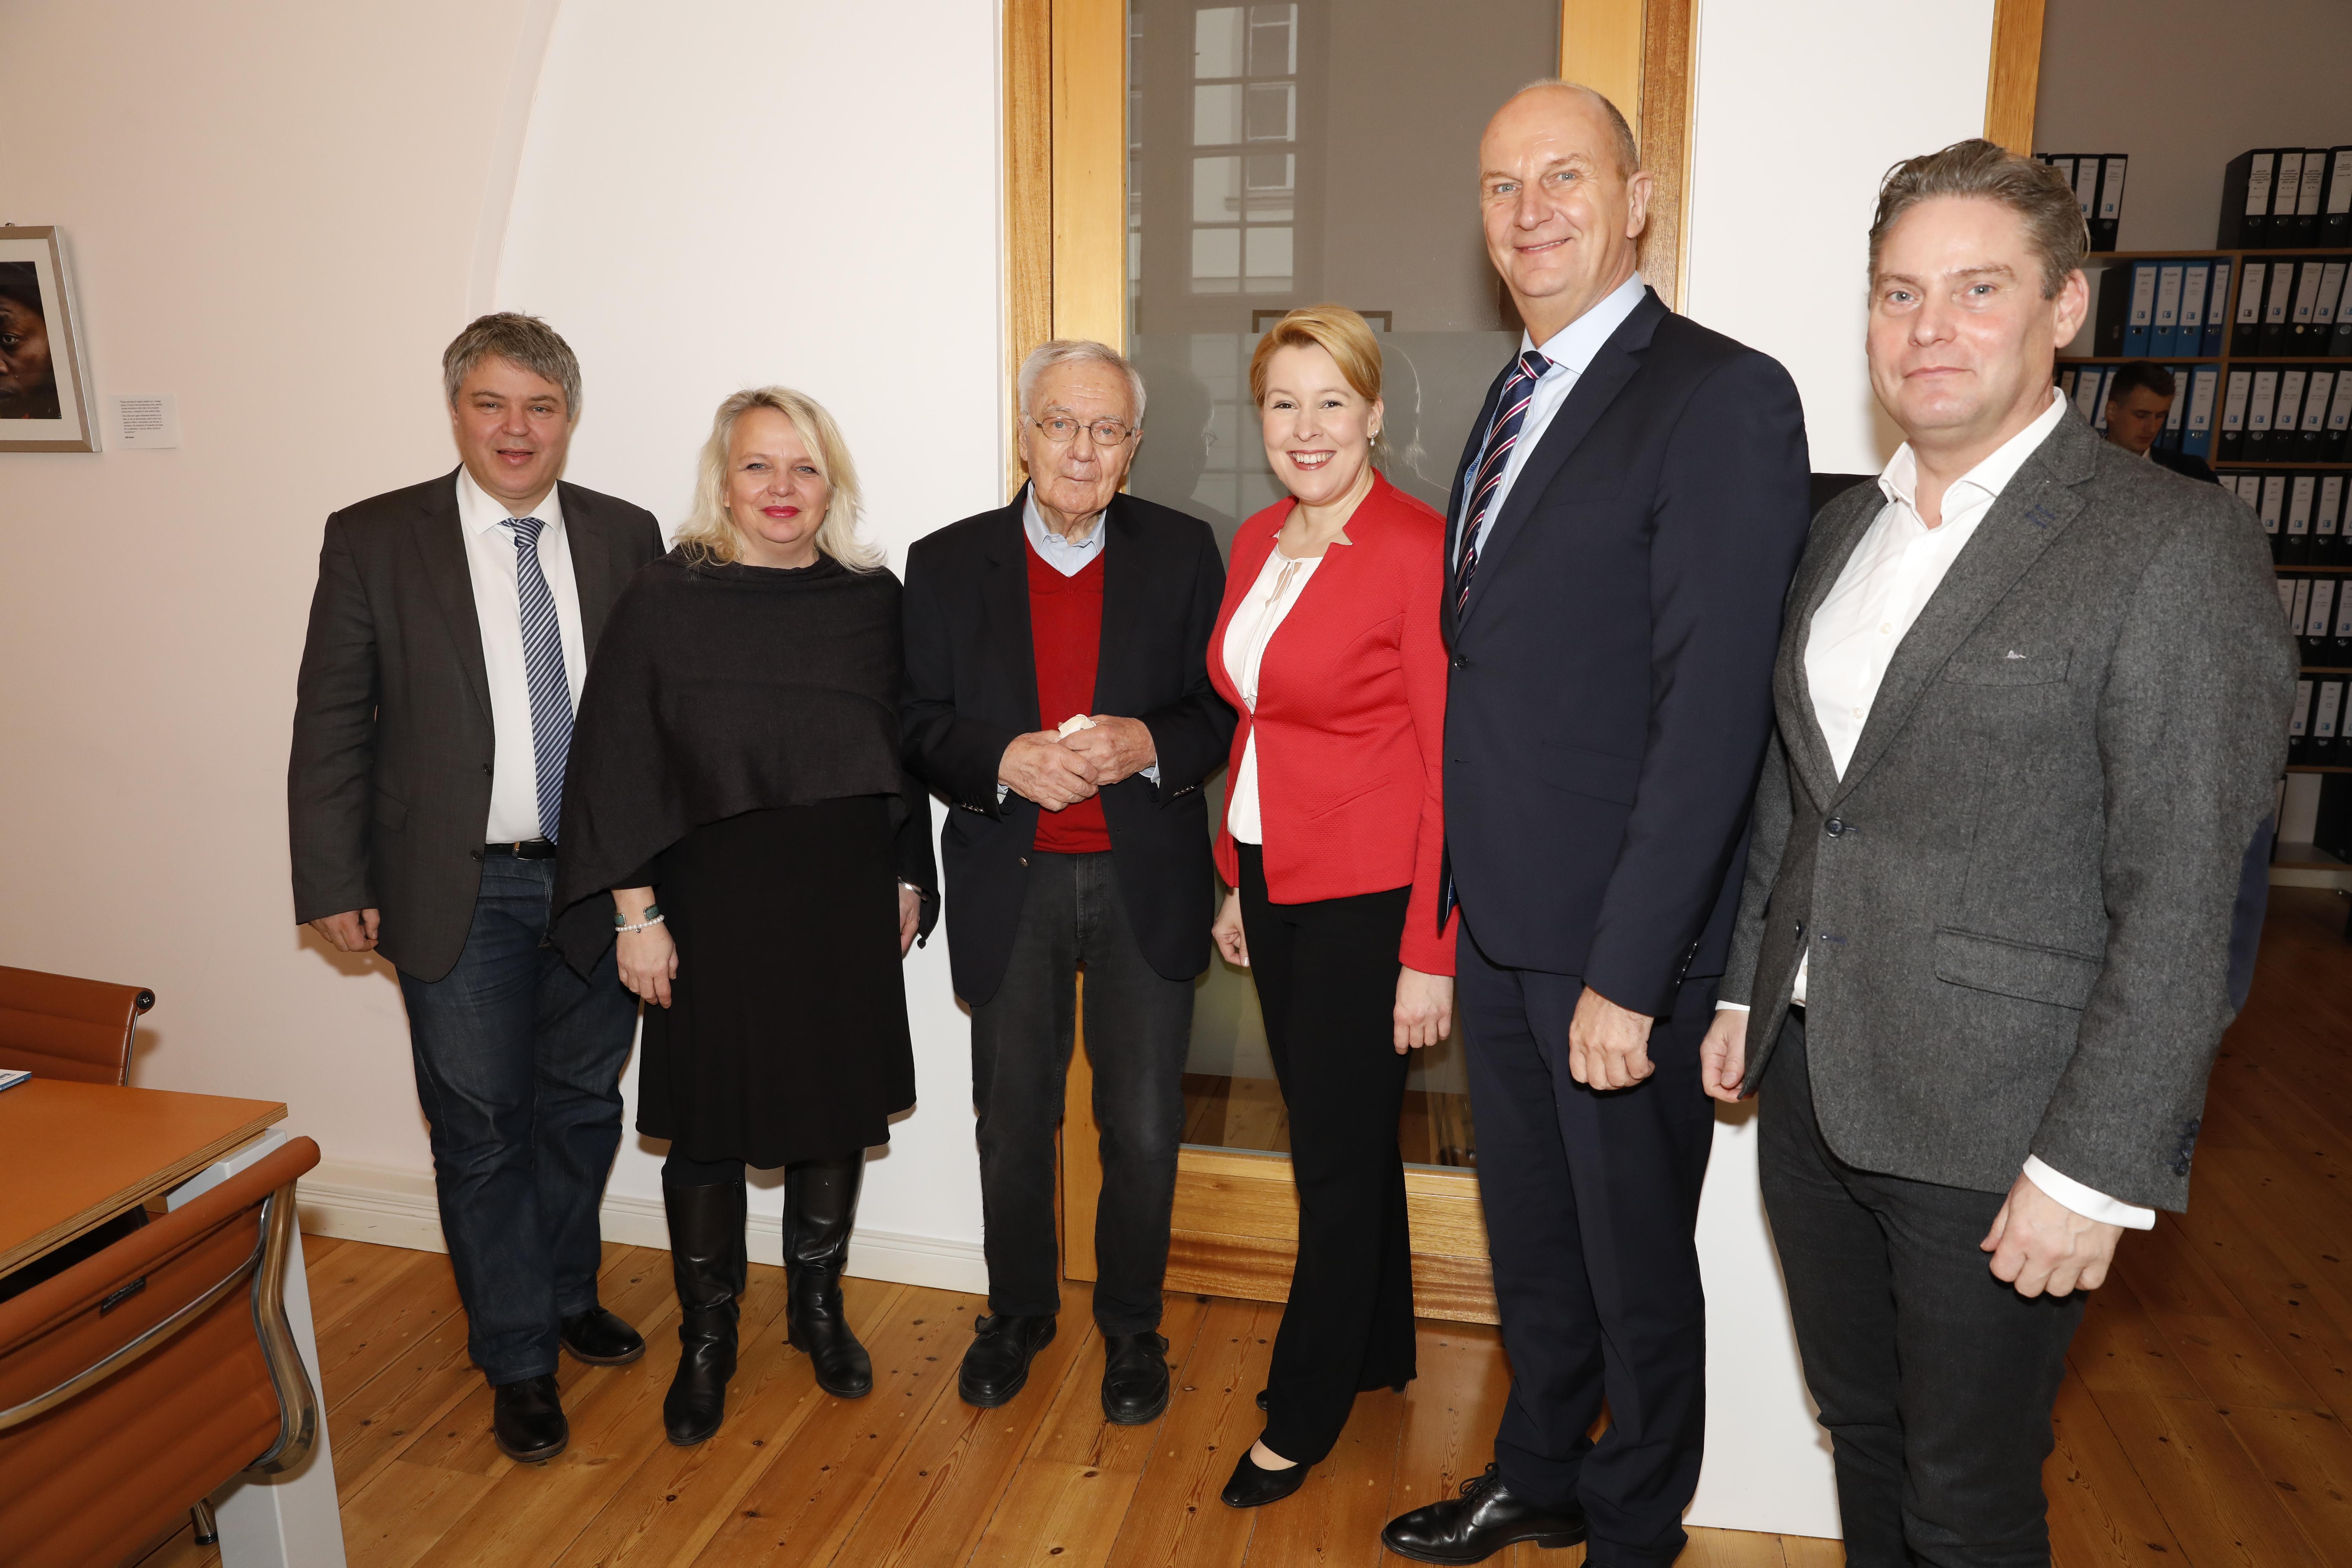 Bundesministerin Giffey besucht mit Ministerpräsident Woidke die Flick Stiftung